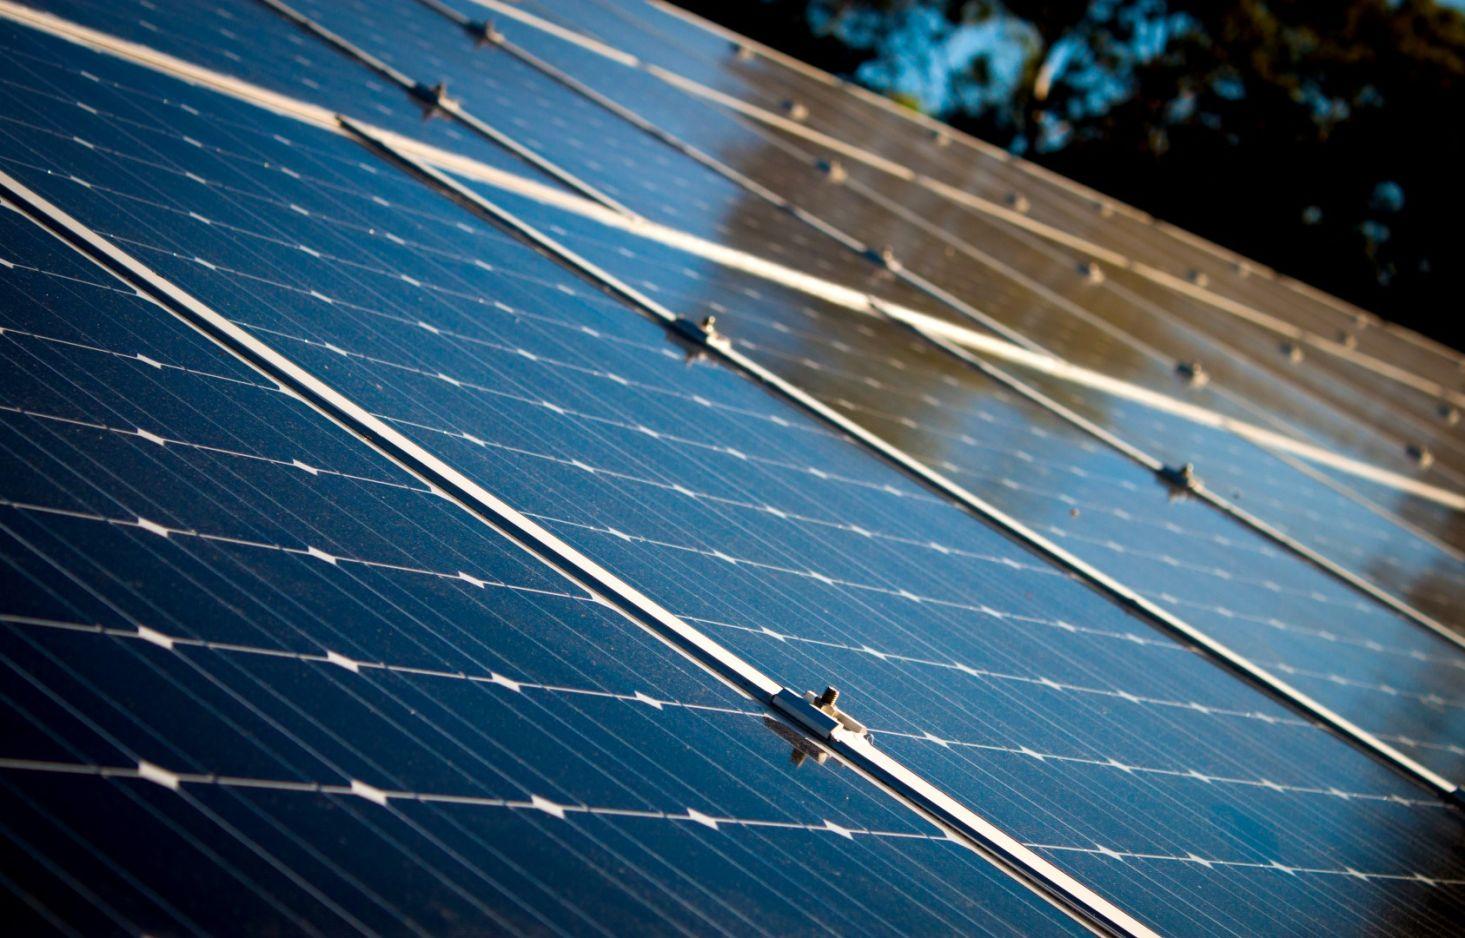 Afbeelding Collectieve inkoopactie zonnepanelen Krimpenerwaard